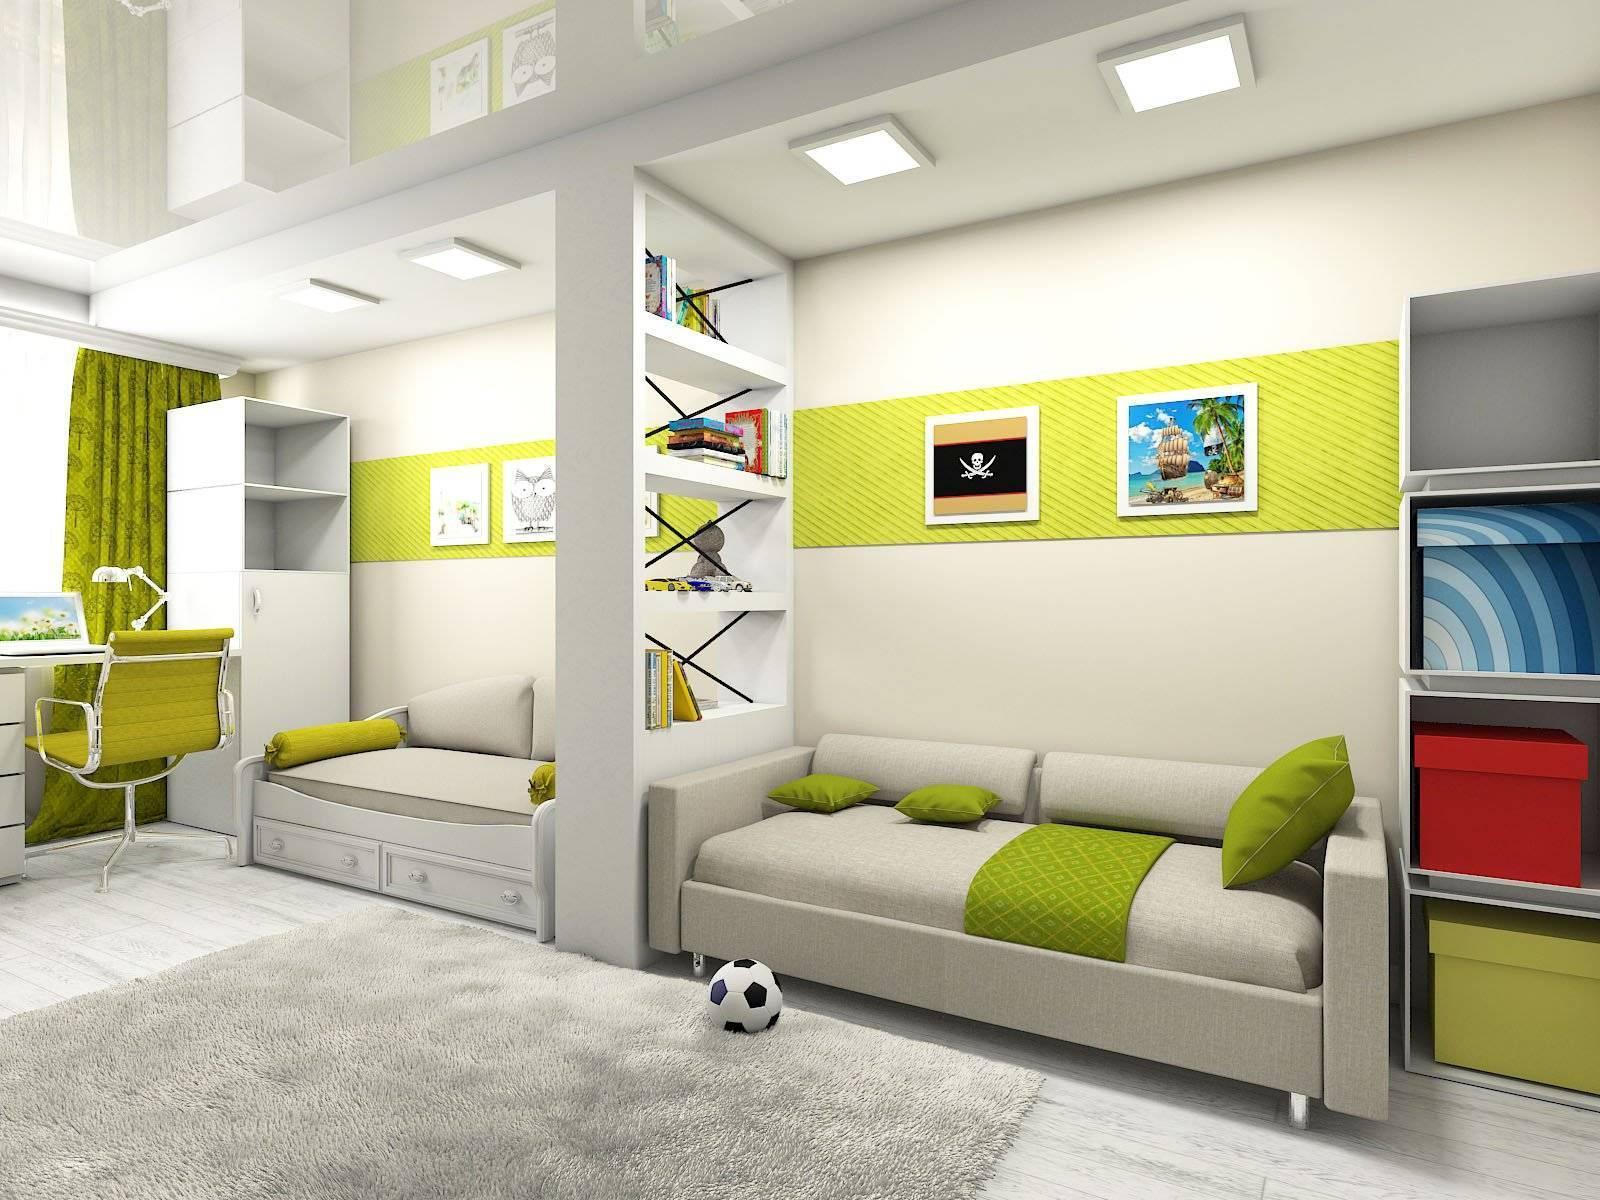 Дизайн комнаты для двух подростков (мальчиков, девочек или разнополых детей) в современном стиле